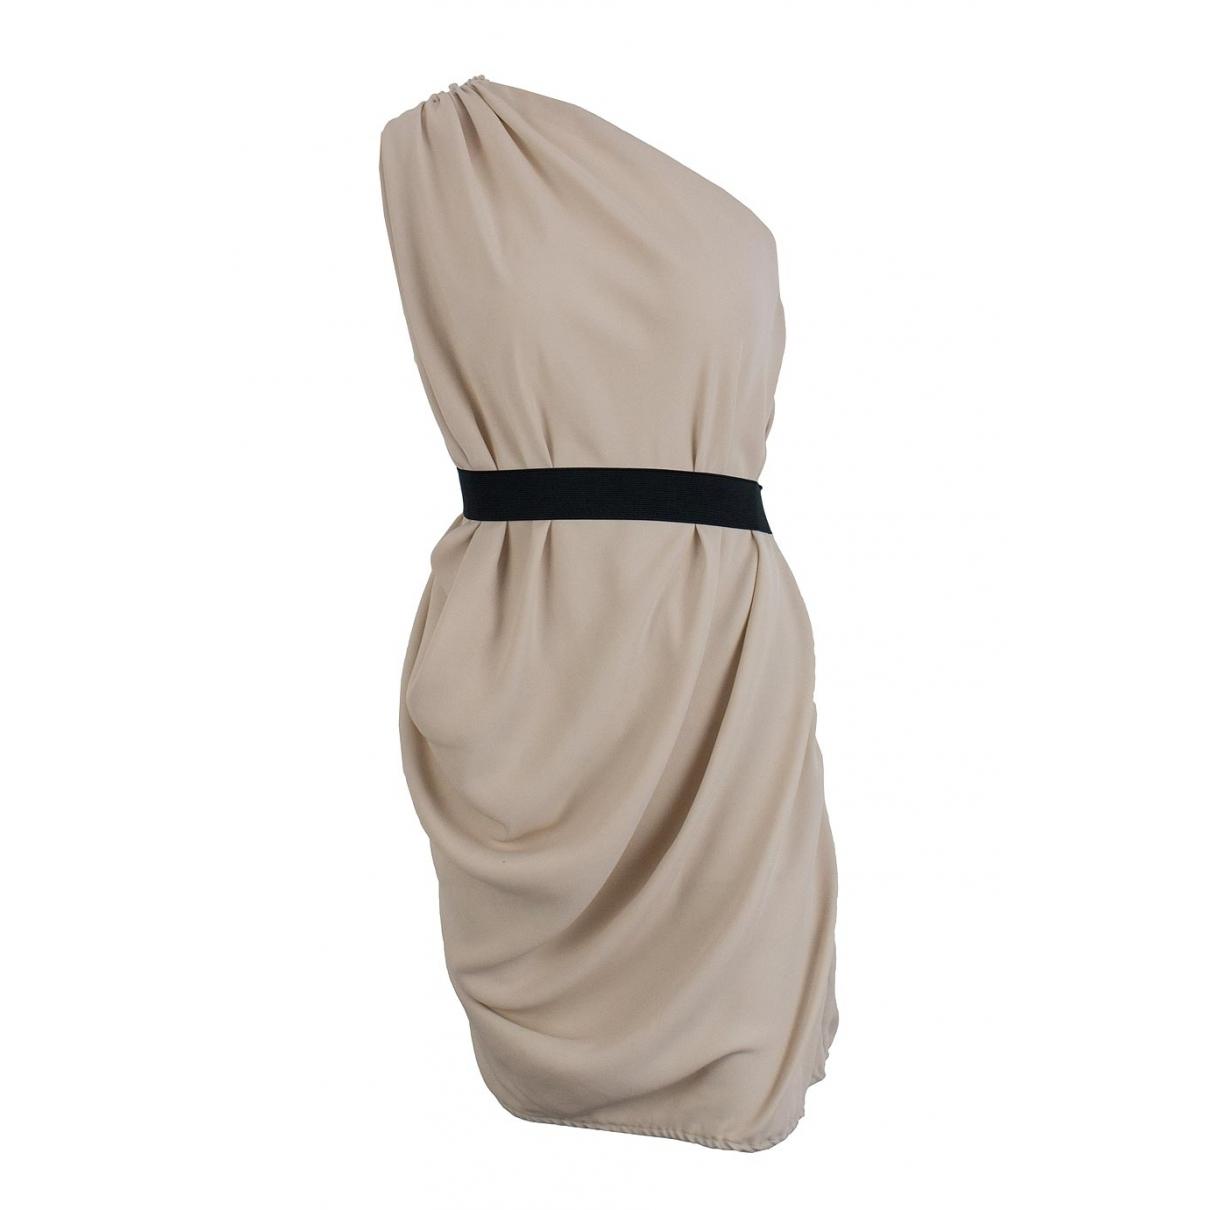 Lanvin \N Beige dress for Women 36 FR